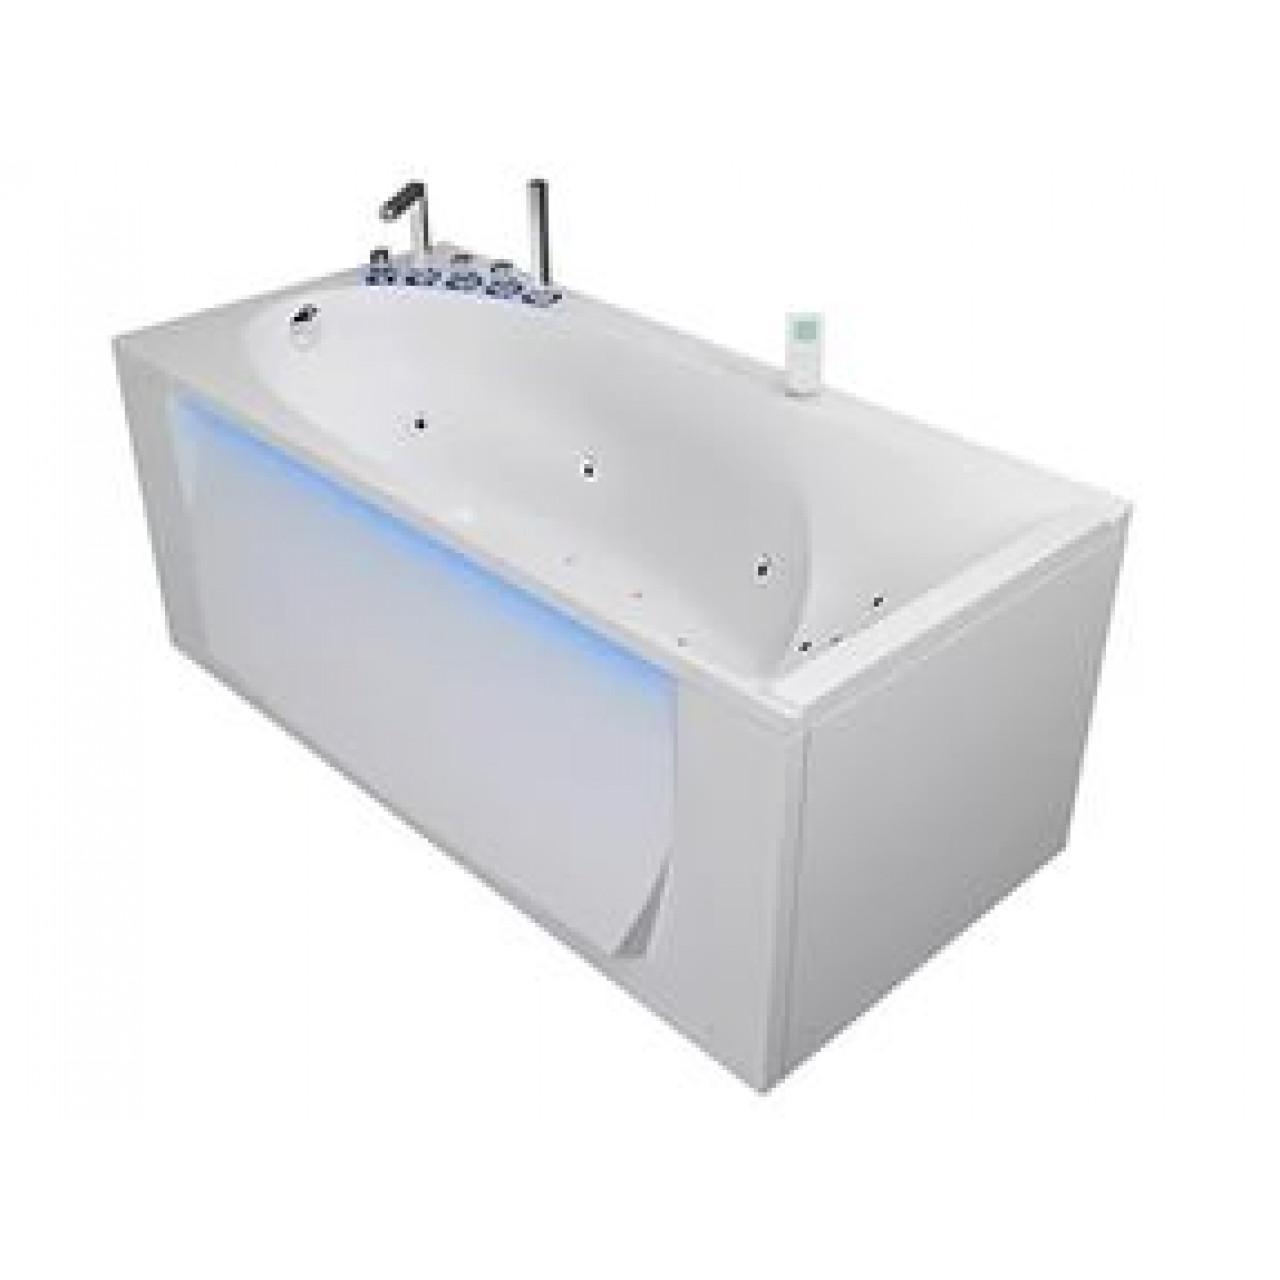 Акриловая ванна Акватика Кинетика Basic 170x80х61 купить в Москве по цене от 51455р. в интернет-магазине mebel-v-vannu.ru